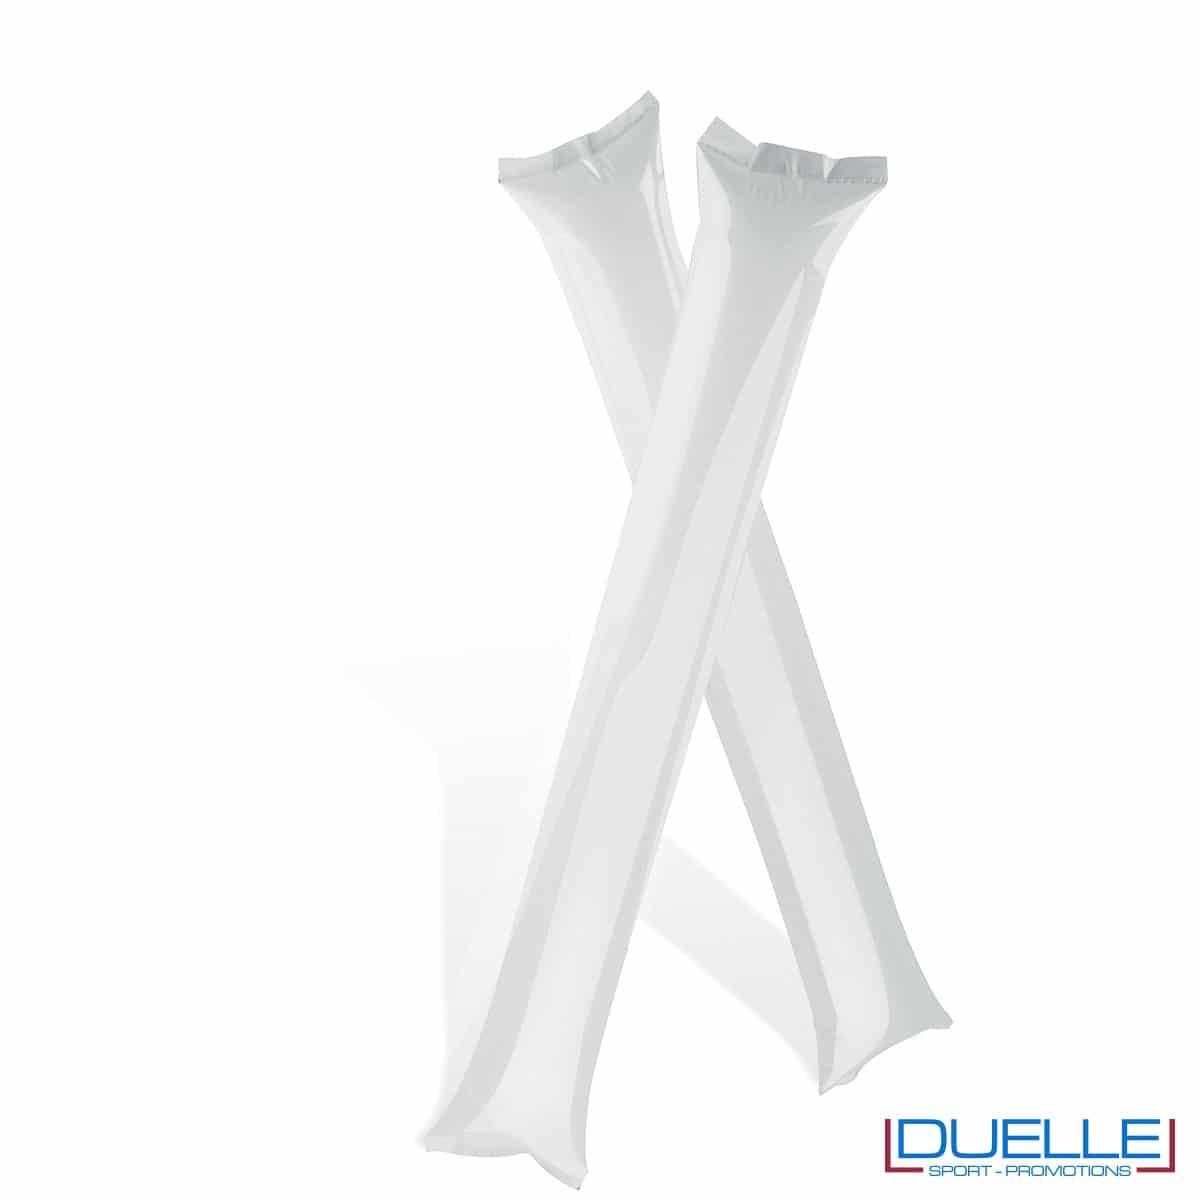 bastoni gonfiabili personalizzati bianco per gli Europei 2016, gadget feste